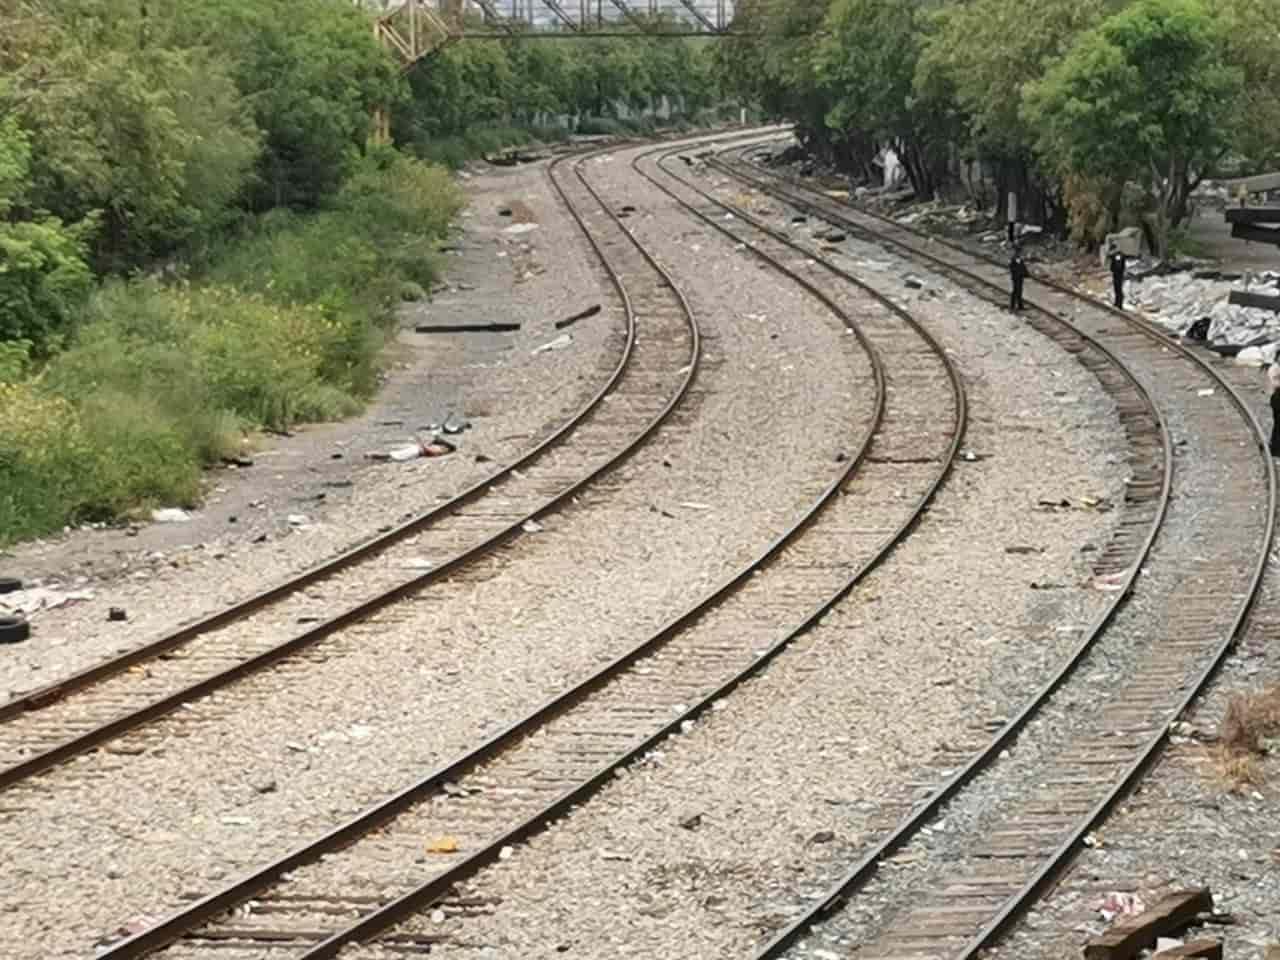 El cadáver maniatado por la espalda fue encontrado en las vías del tren